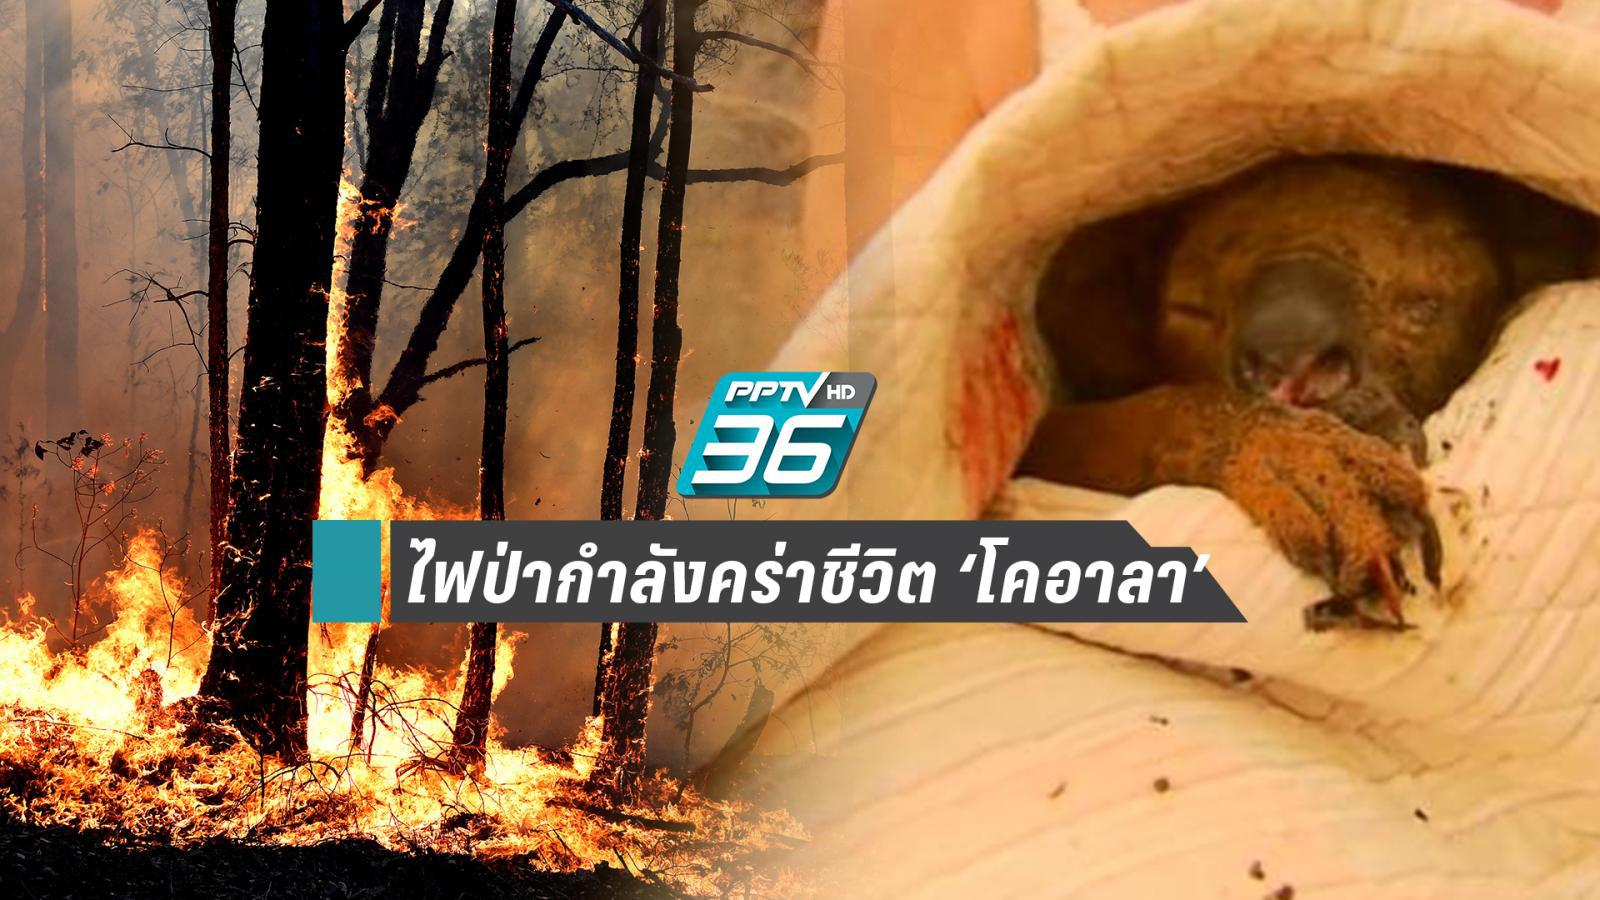 ไฟป่าออสซี่คร่าชีวิต 'โคอาลา' กว่า 350 ตัว อีก 1 ตัว โอกาสรอด 50%